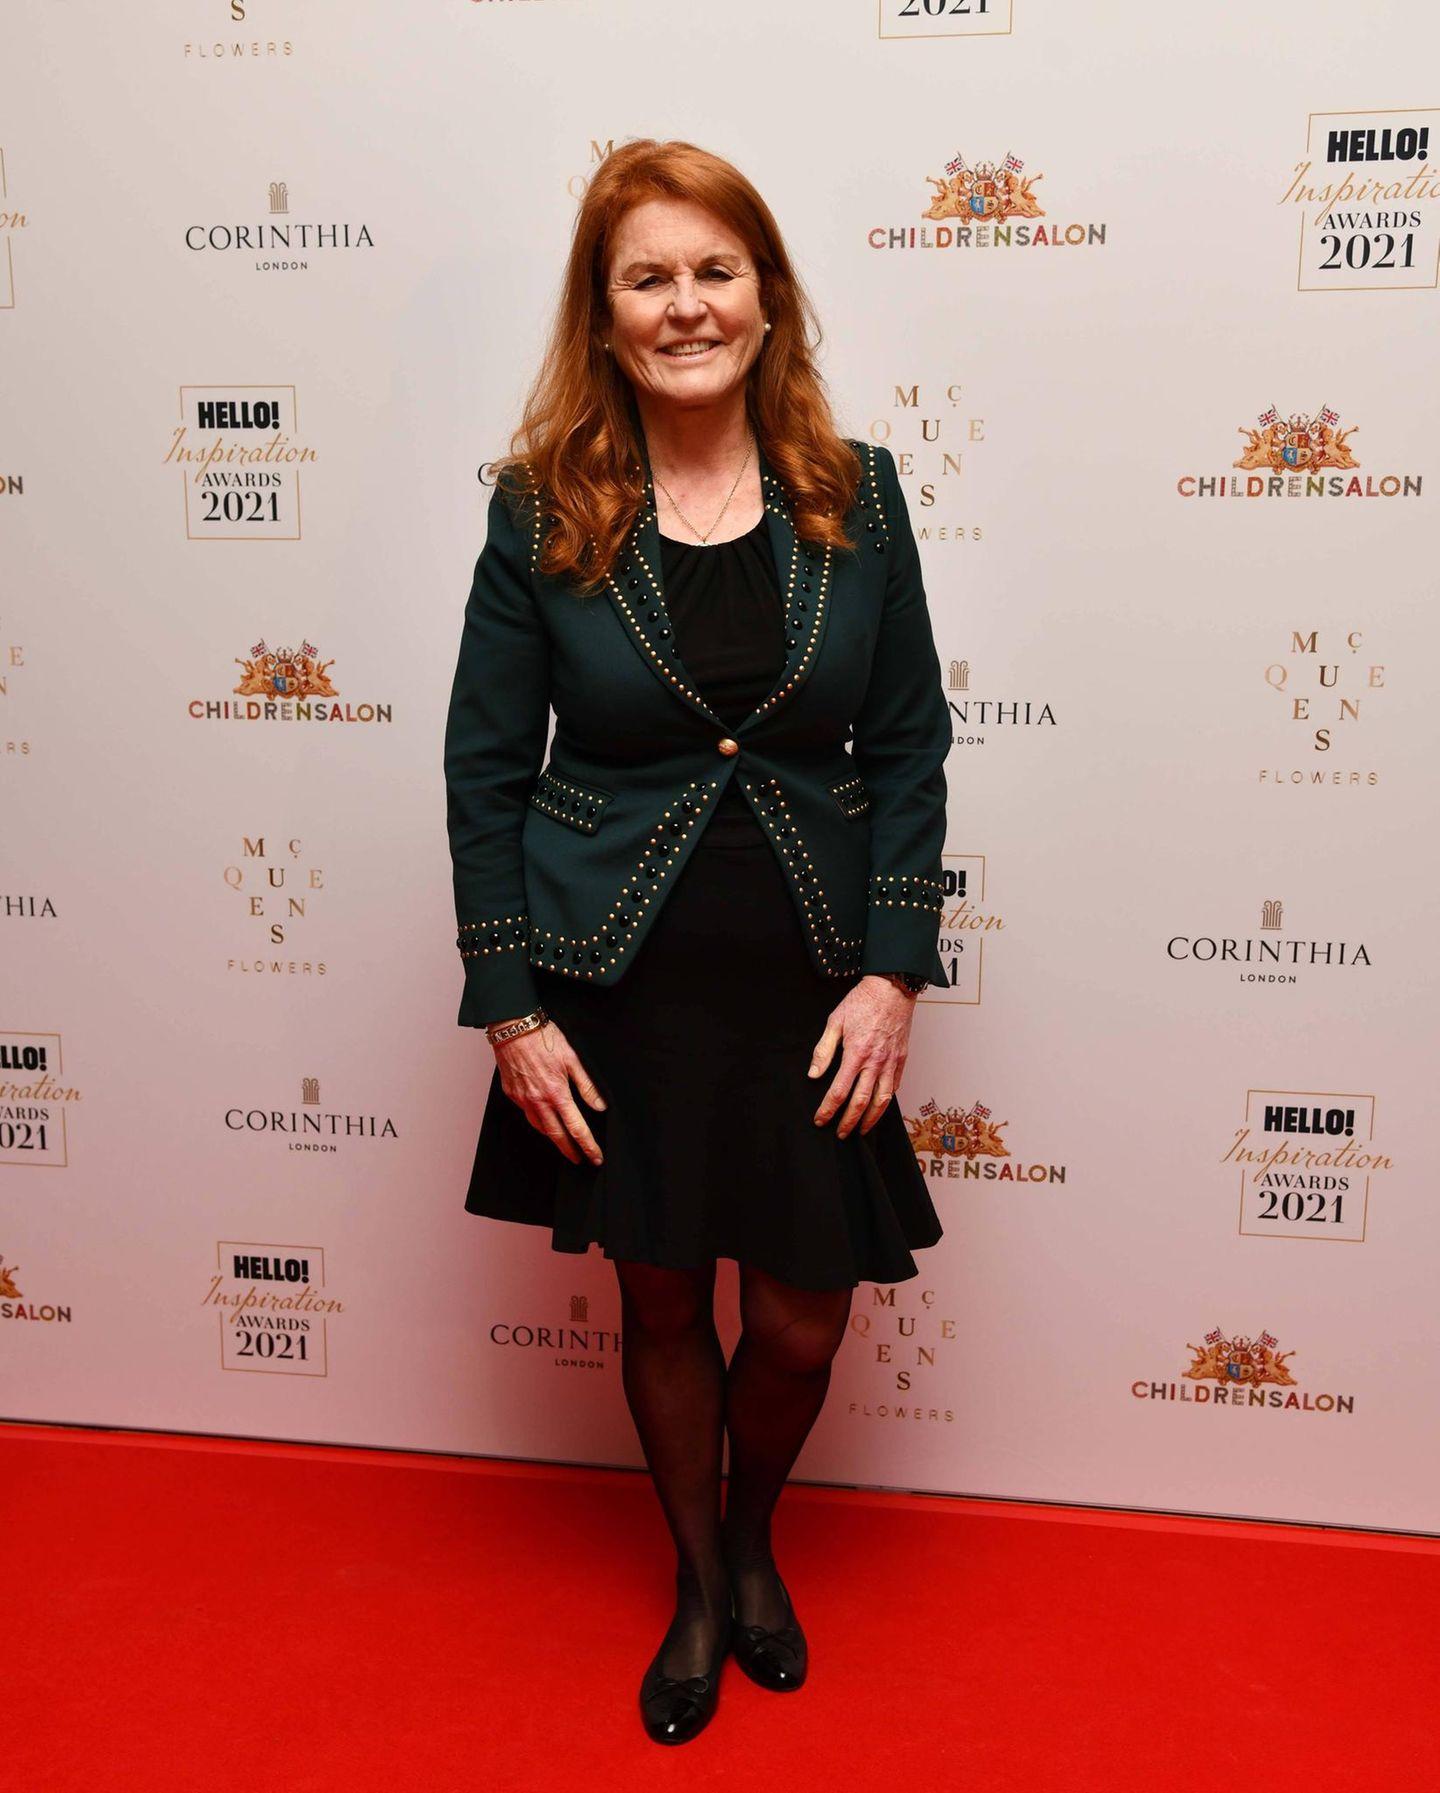 Sarah Ferguson, Herzogin von York, besucht die Preisverleihung des ''Hello! Inspiration Awards'' in London. Auf dem roten Teppichzeigt sie sich in einem rockig anmutenden Outfit aus schwarzem Kleid, glänzendenBallerinas und dunkelgrünem Blazer, der mit goldfarbenen Nieten besetzt ist. Beim Make-up hält es die 61-Jährige dezent, ihre rot schimmernden Haare sind in sanften Locken gestylt. In Sachen Schmuck greift die Ex-Frau von Prinz Andrewzu einer feinen Halskette, einem goldenen Armband und klassischen Perlenohrringen.